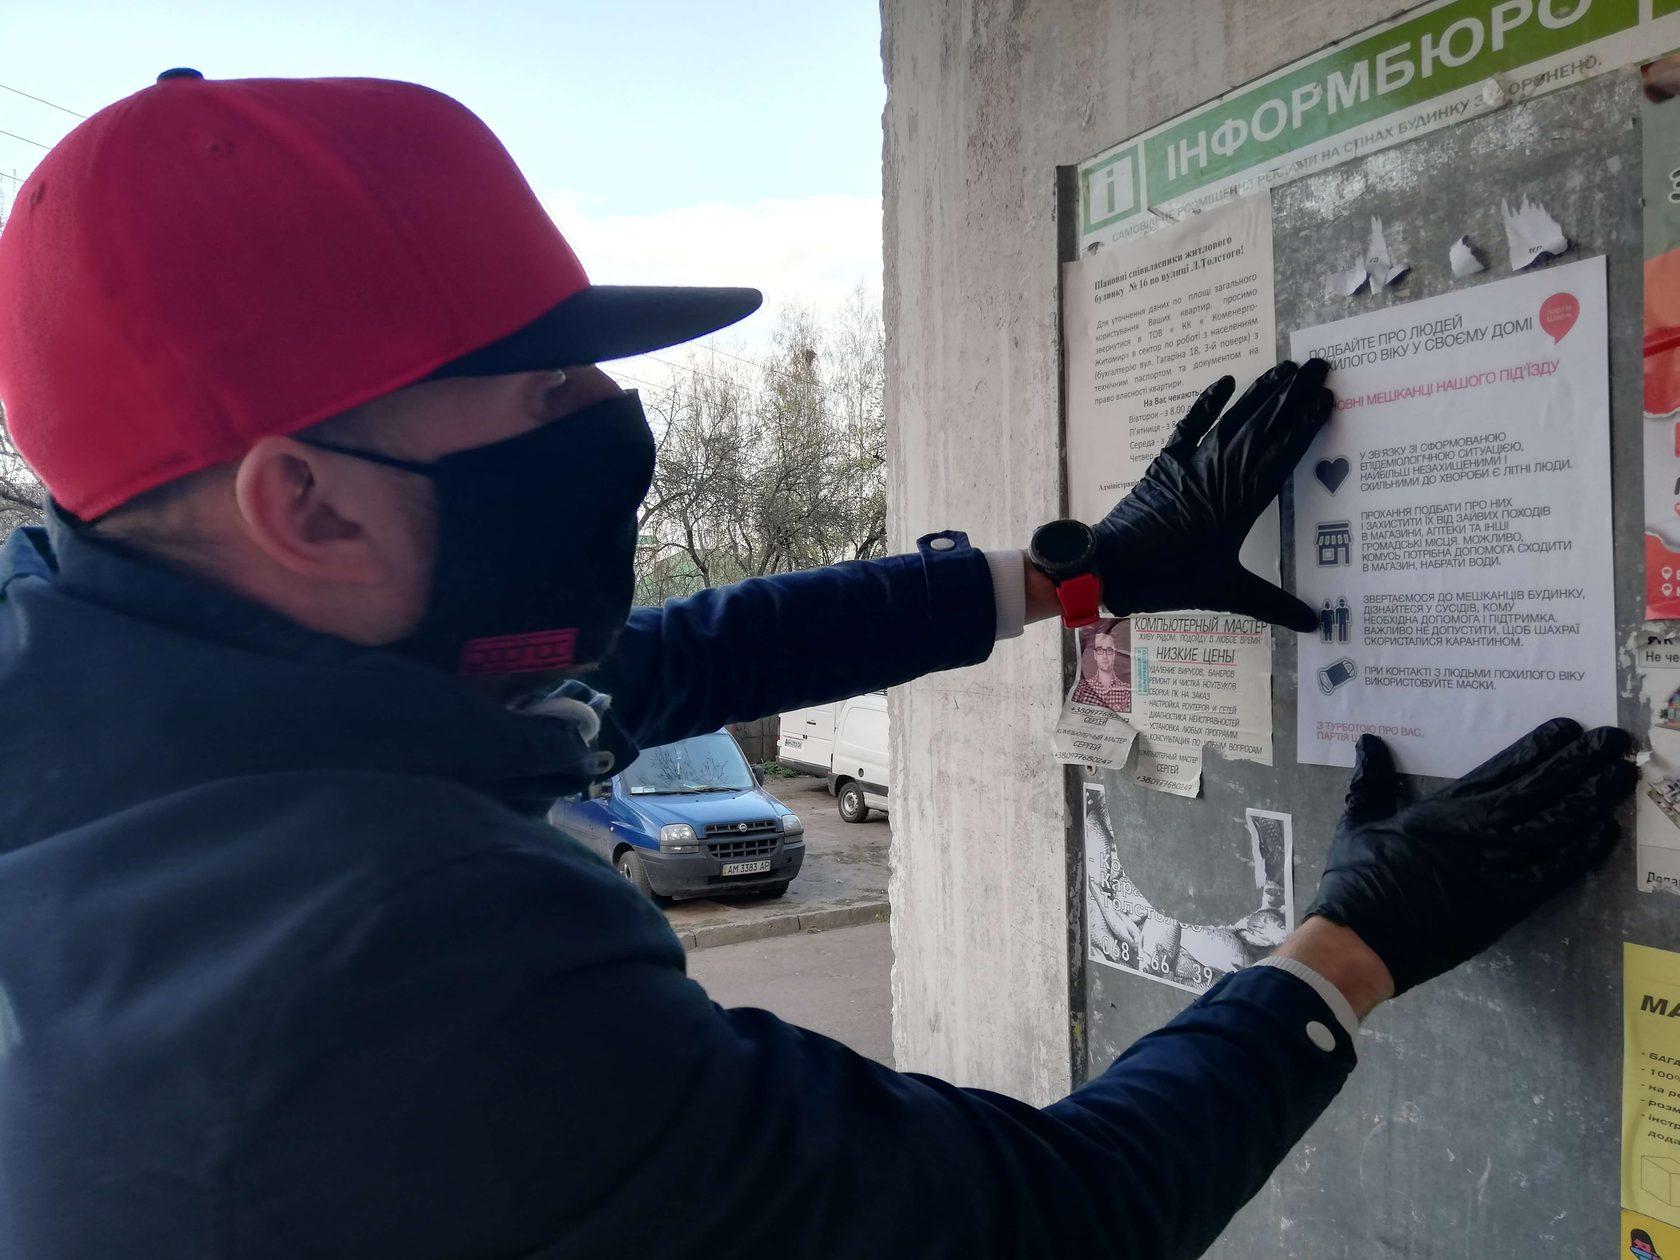 Житомирские активисты расклеивают листовки с очень важным призывом — помогать людям преклонного возраста.